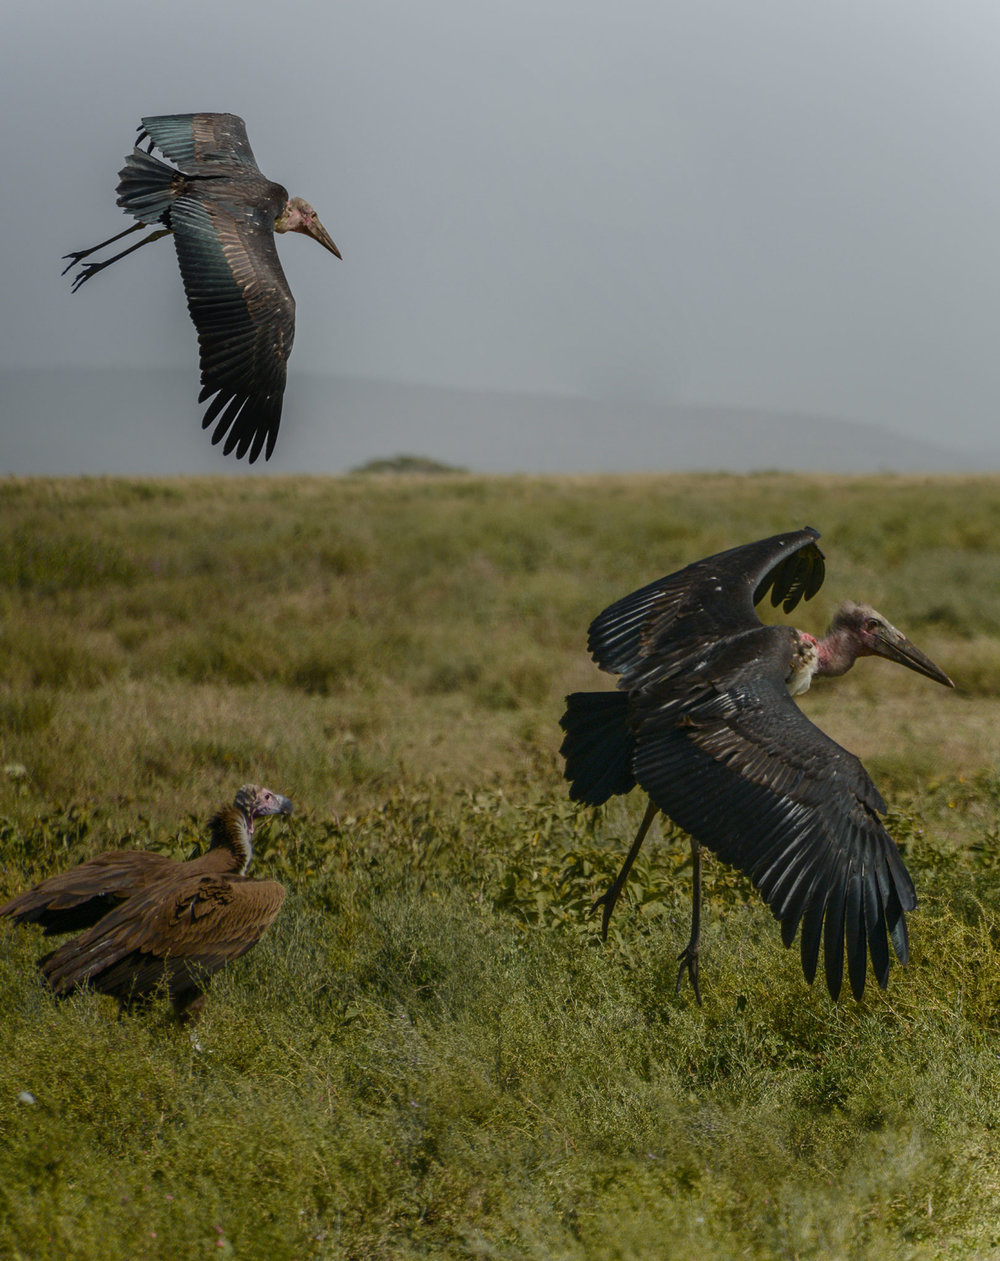 storks_landing_portrait.jpg